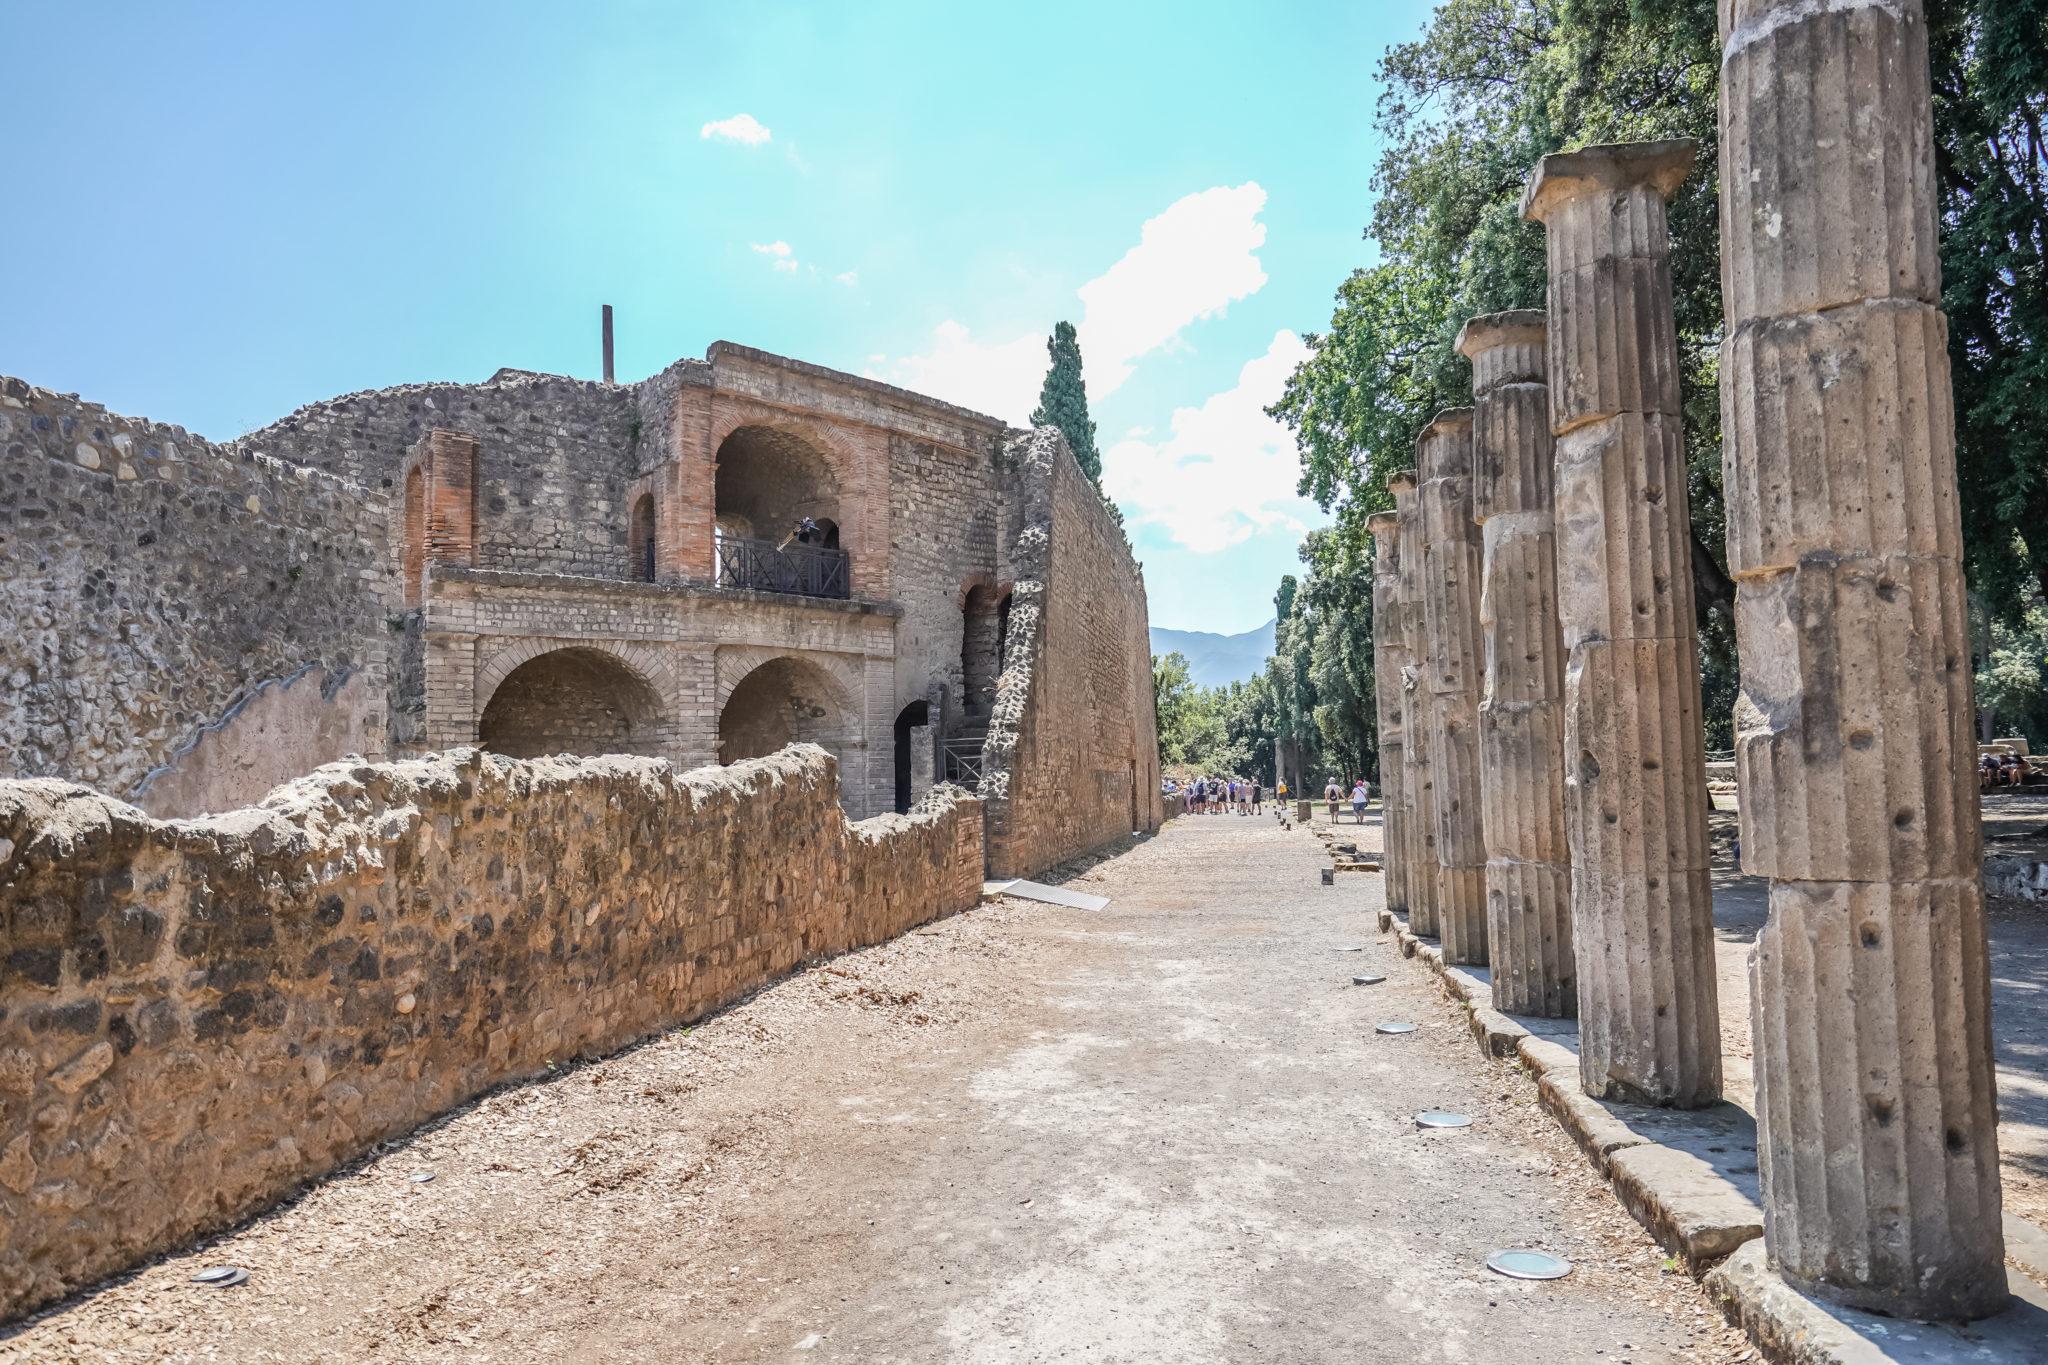 Visite-pompei-comment-colonnes-theatre